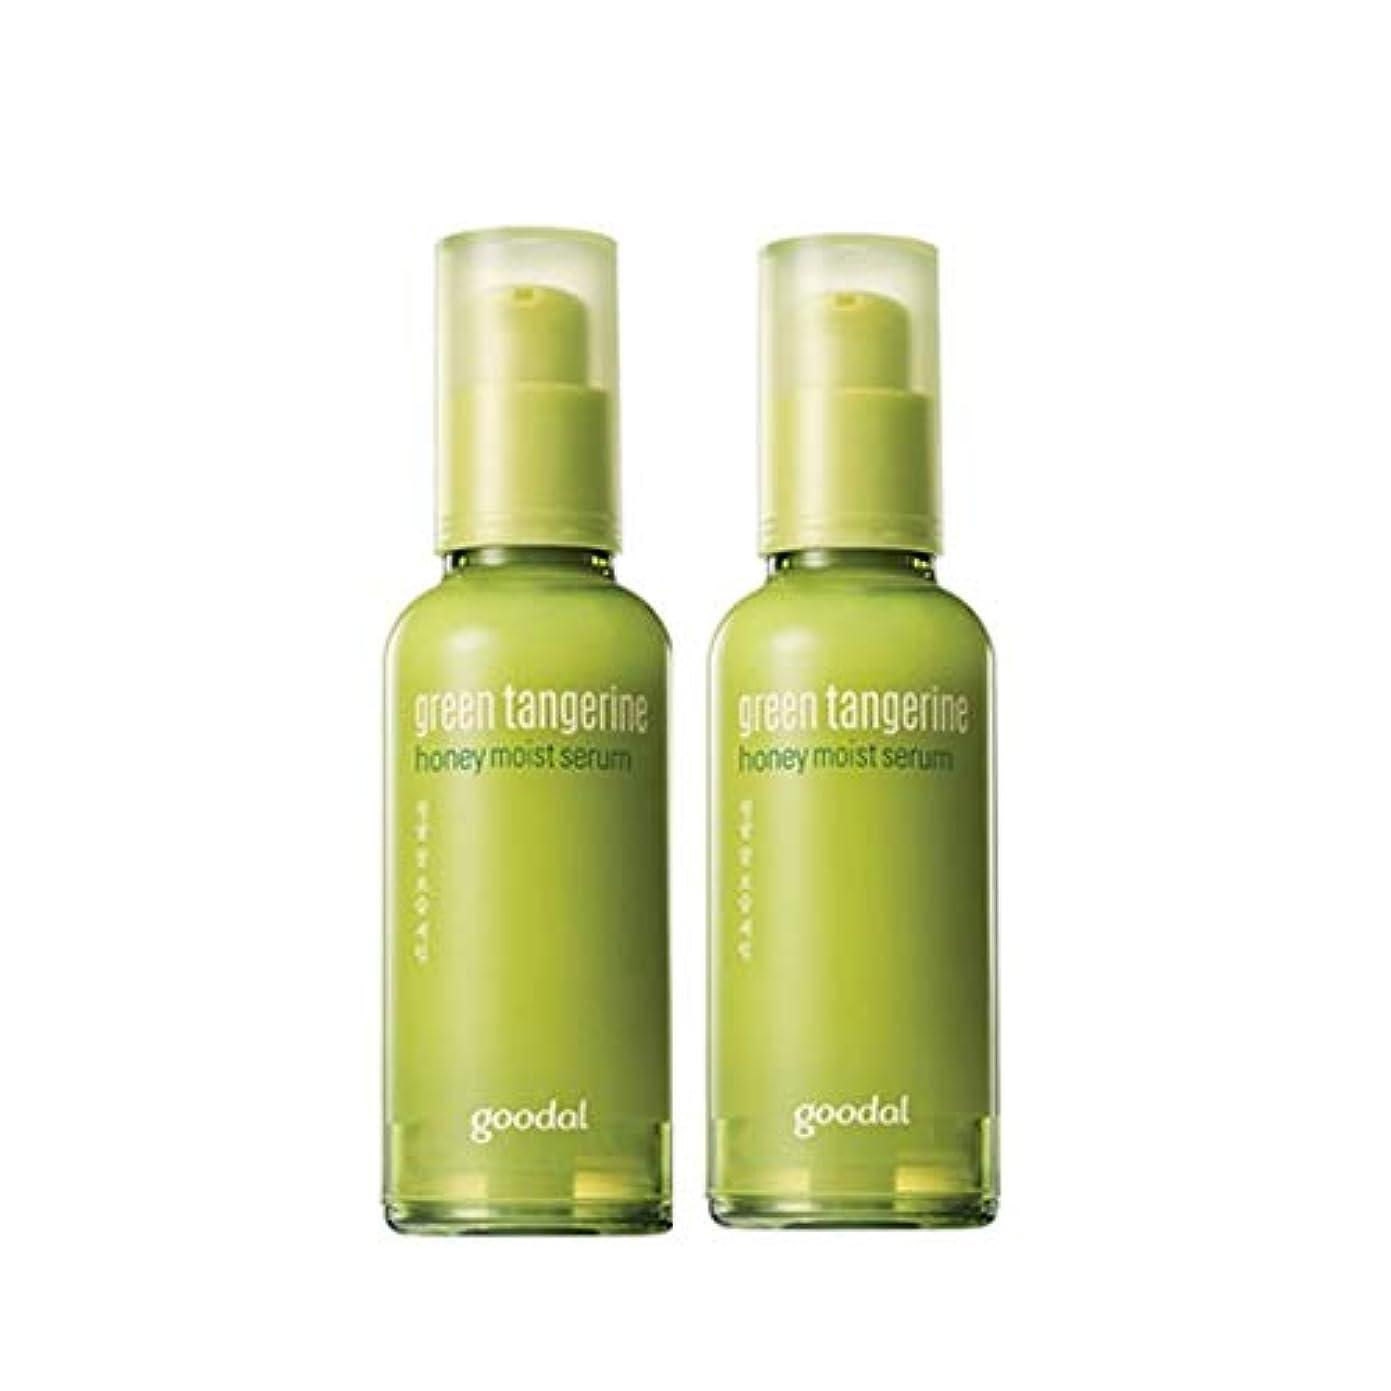 再現する砂の葉を拾うグドール青みかん蜂蜜保湿セラム50mlx2本セット韓国コスメ、Goodal Green Tangerine Honey Moist Serum 50ml x 2ea Set Korean Cosmetics [並行輸入品]